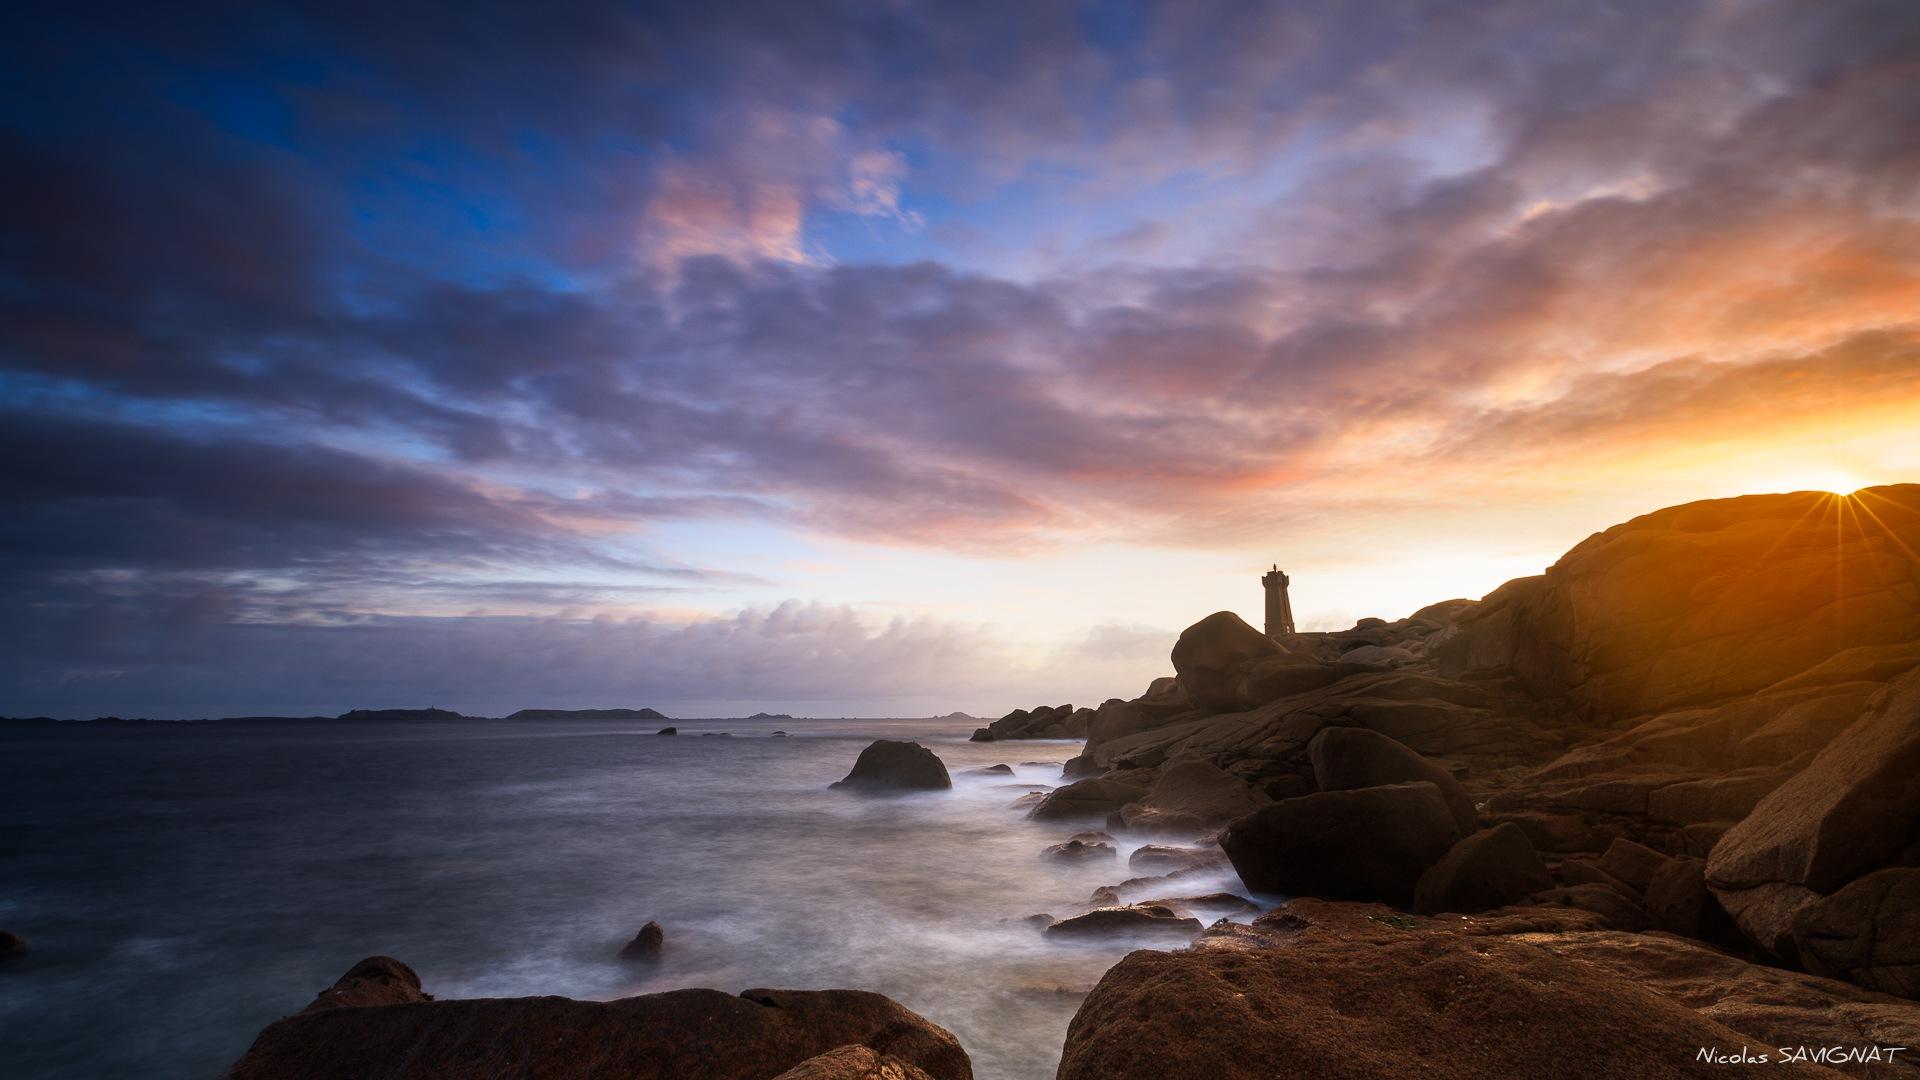 Mean RUZ Lighthouse by Nicolas SAVIGNAT